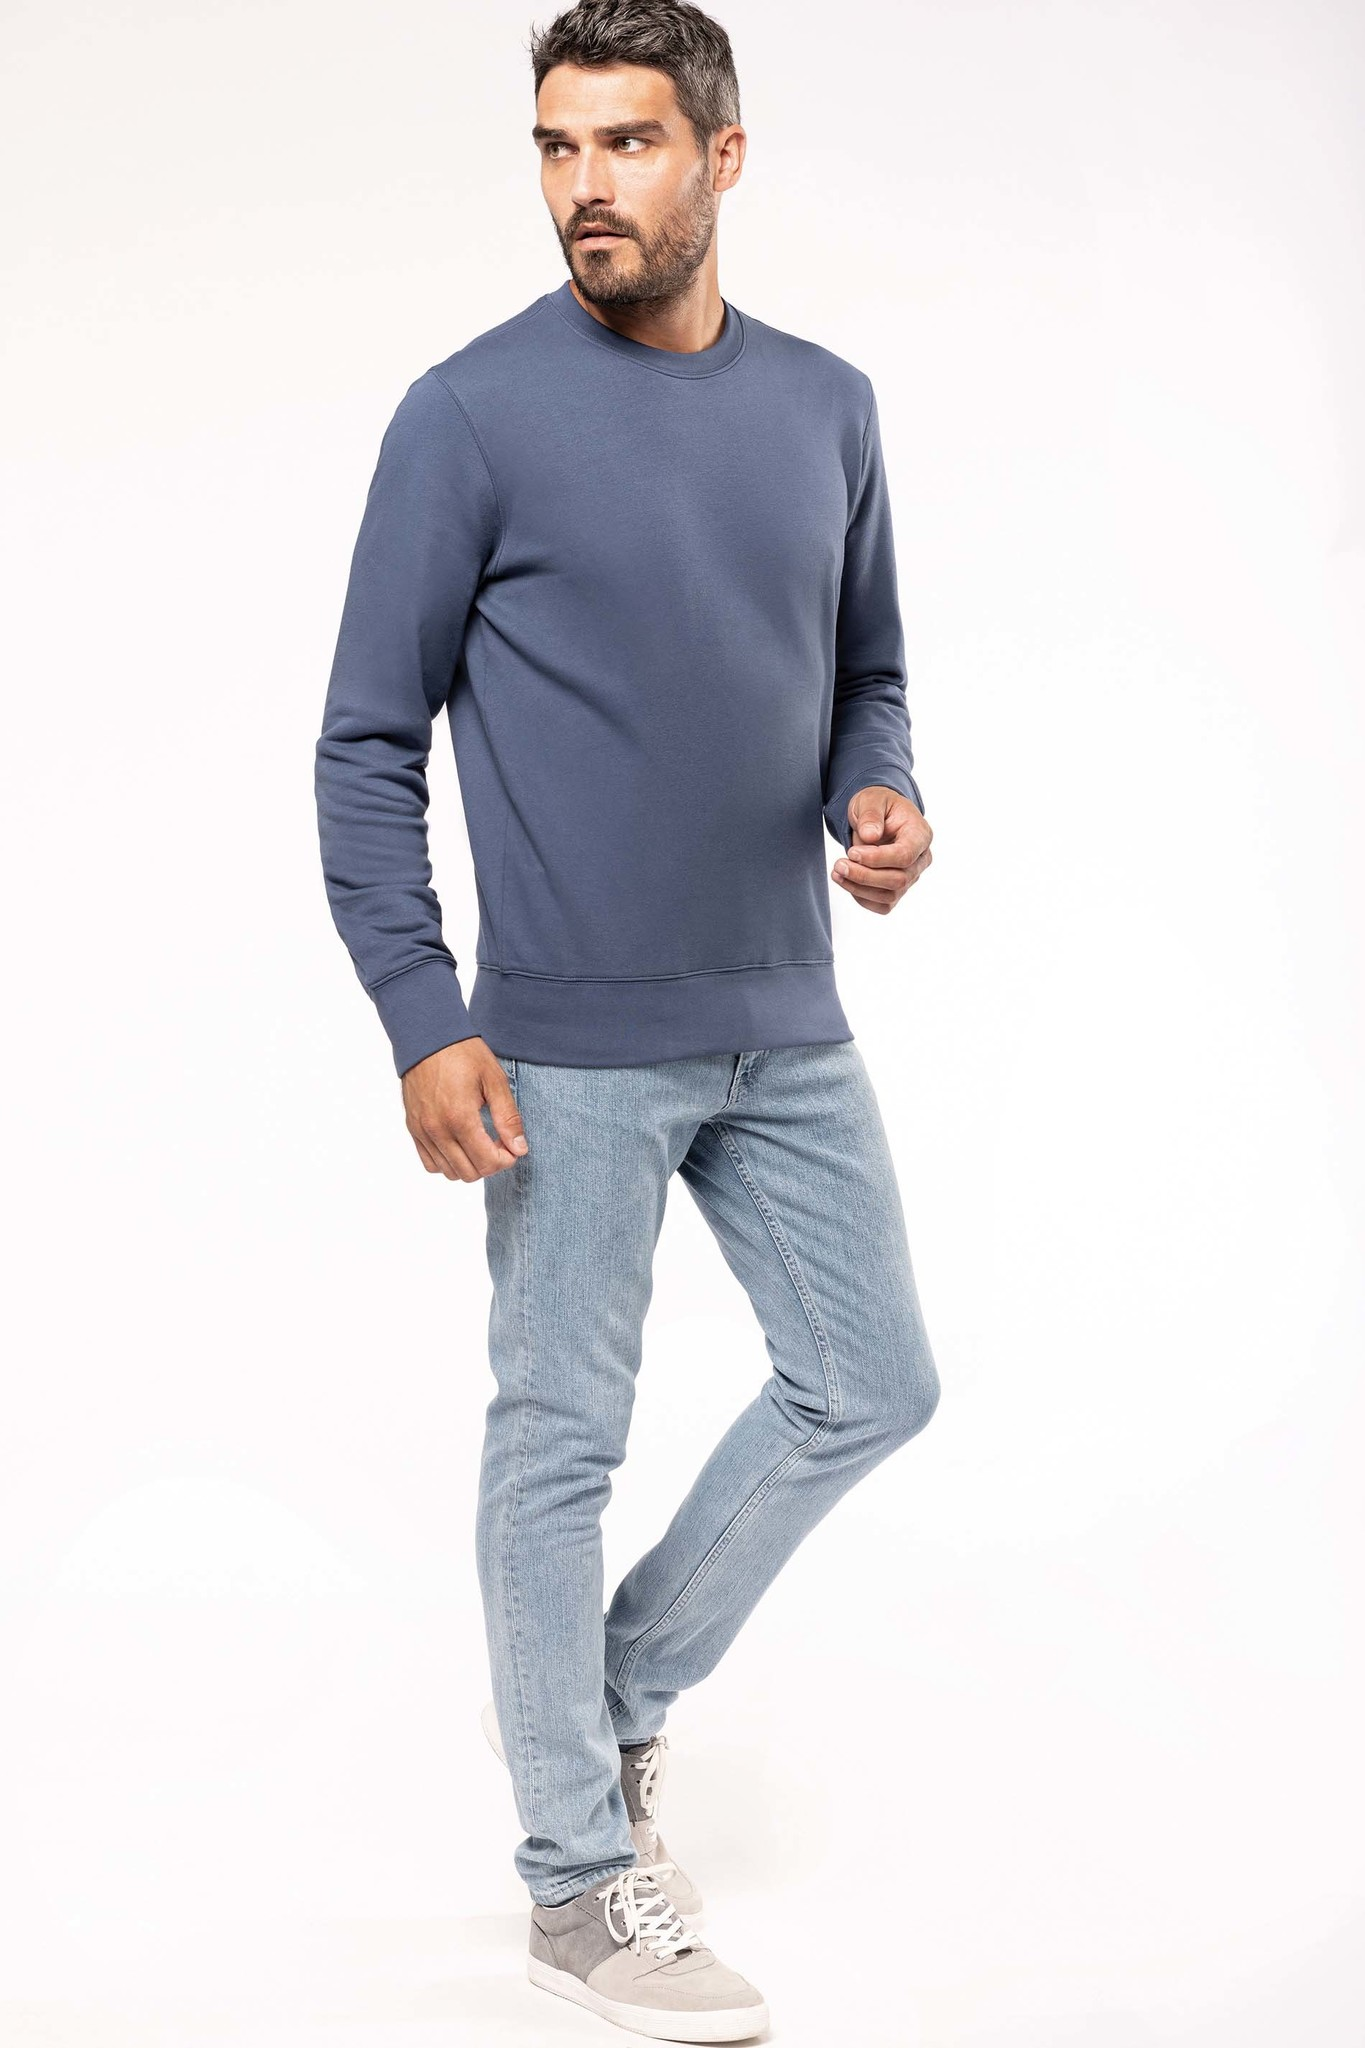 Eco-Friendly Sweater UNI Grey-Gemêleerd